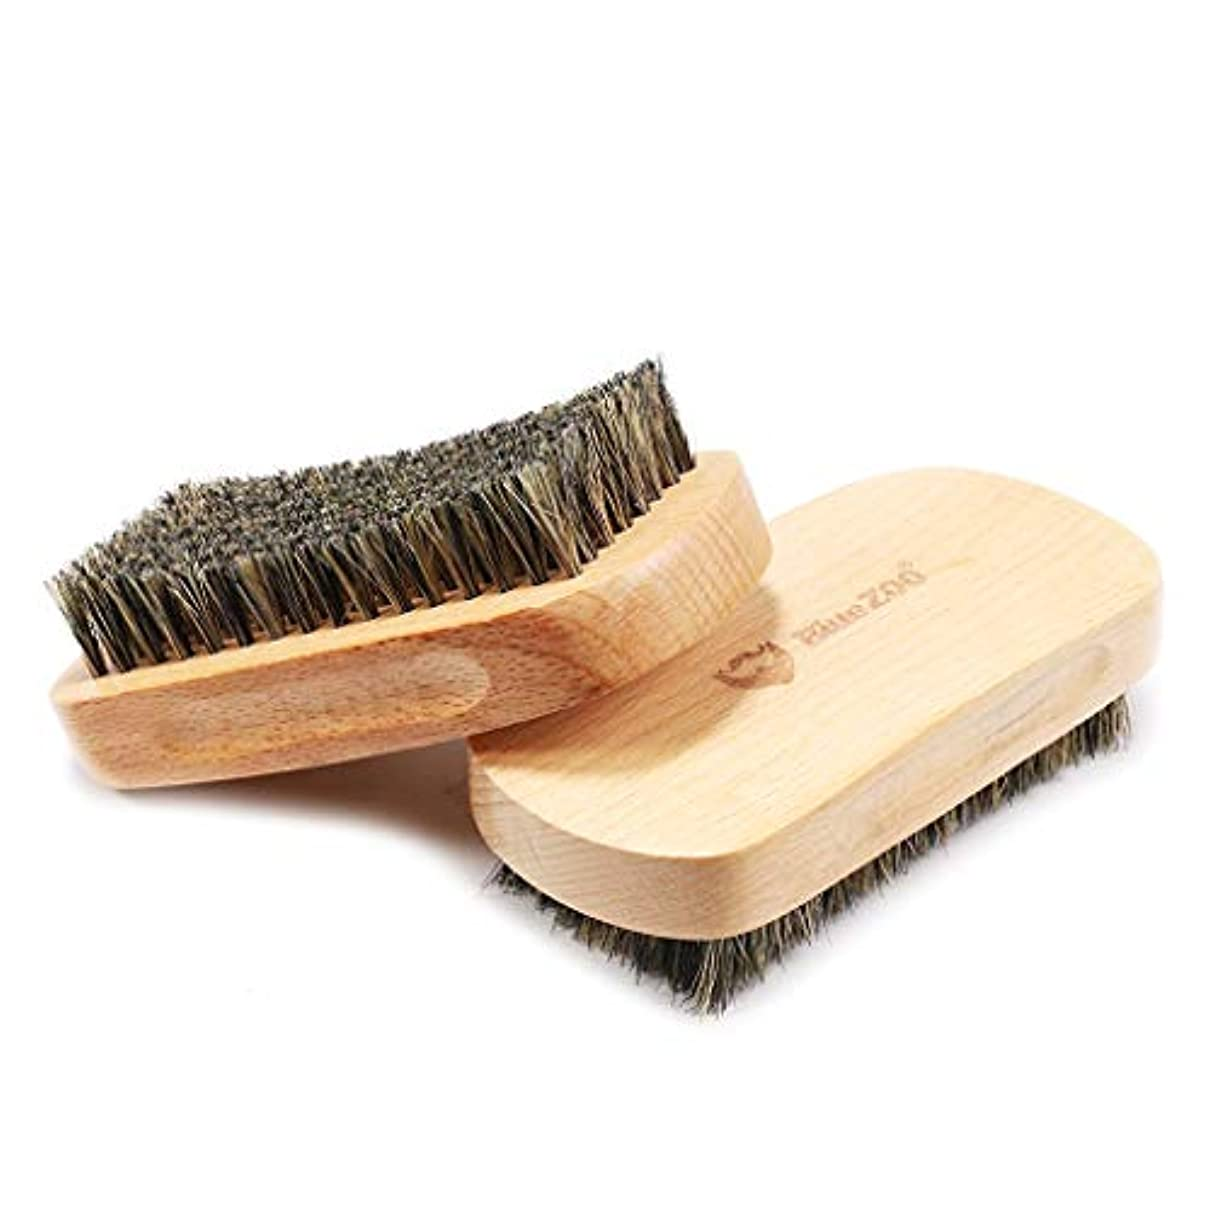 チロ修正メキシコひげブラシ シェービングブラシ メンズ 毛髭ブラシ ひげ剃り 硬い剛毛 理容 洗顔 髭剃り